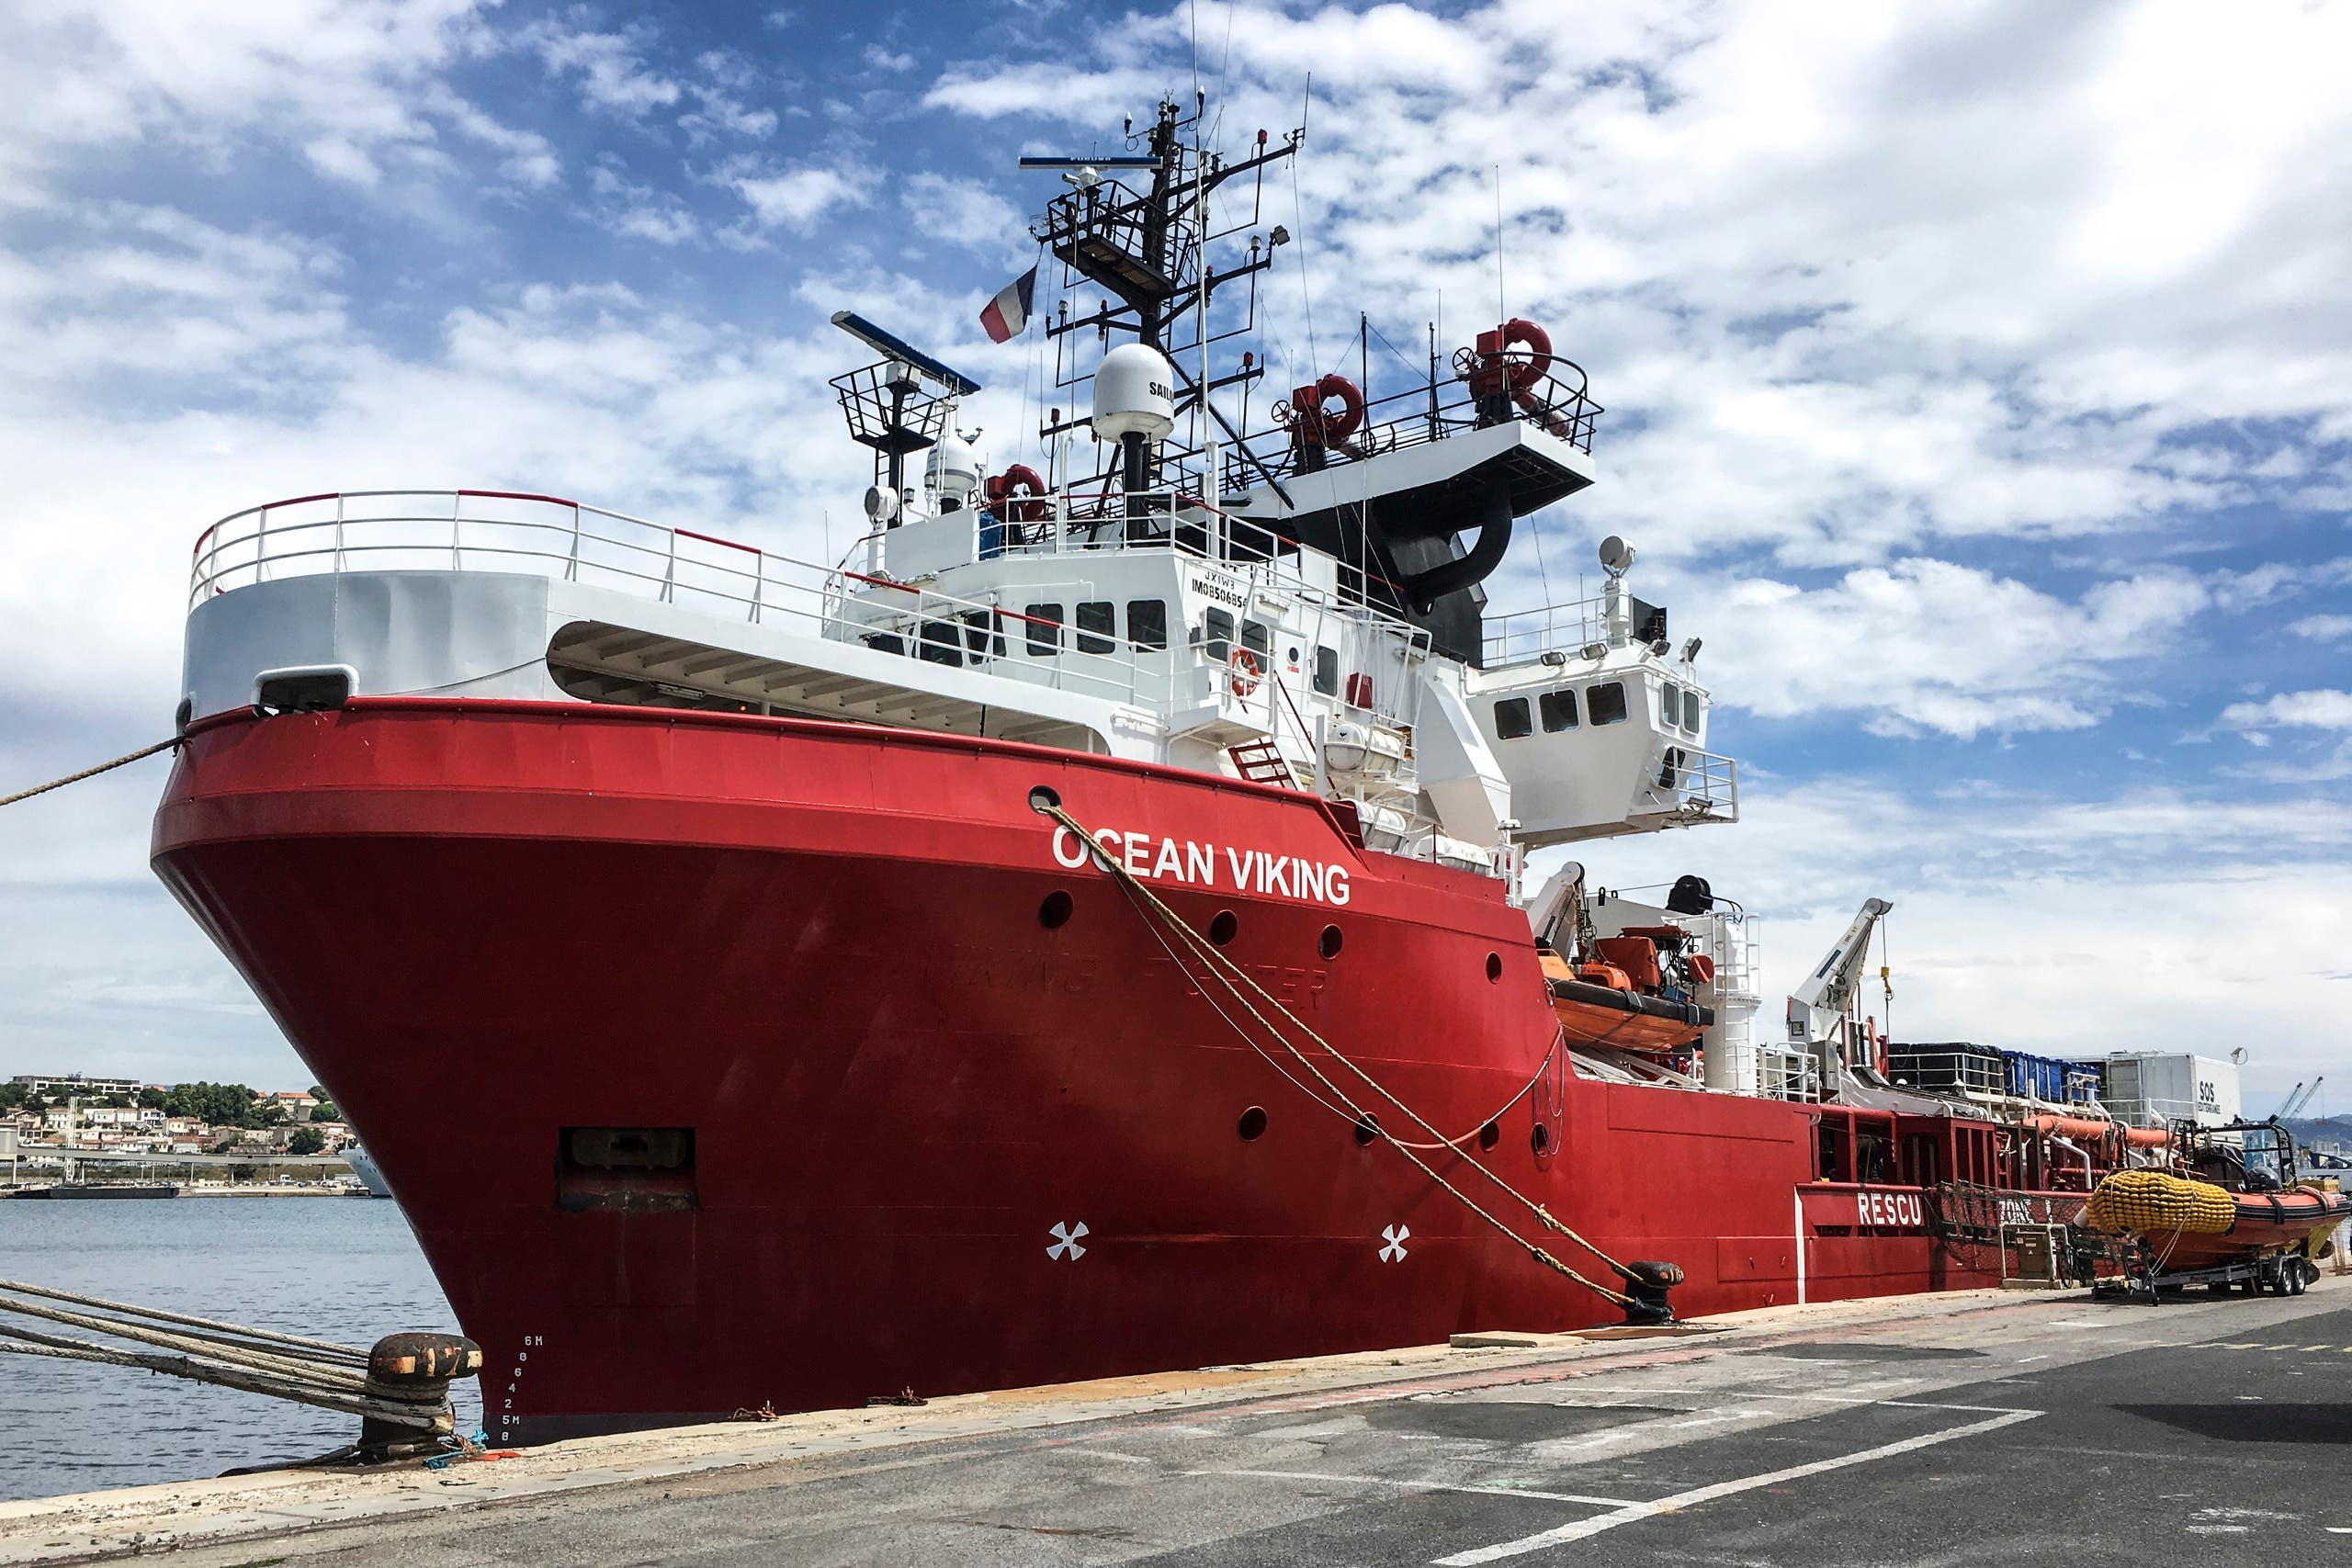 سفينة أوشن فايكينغ